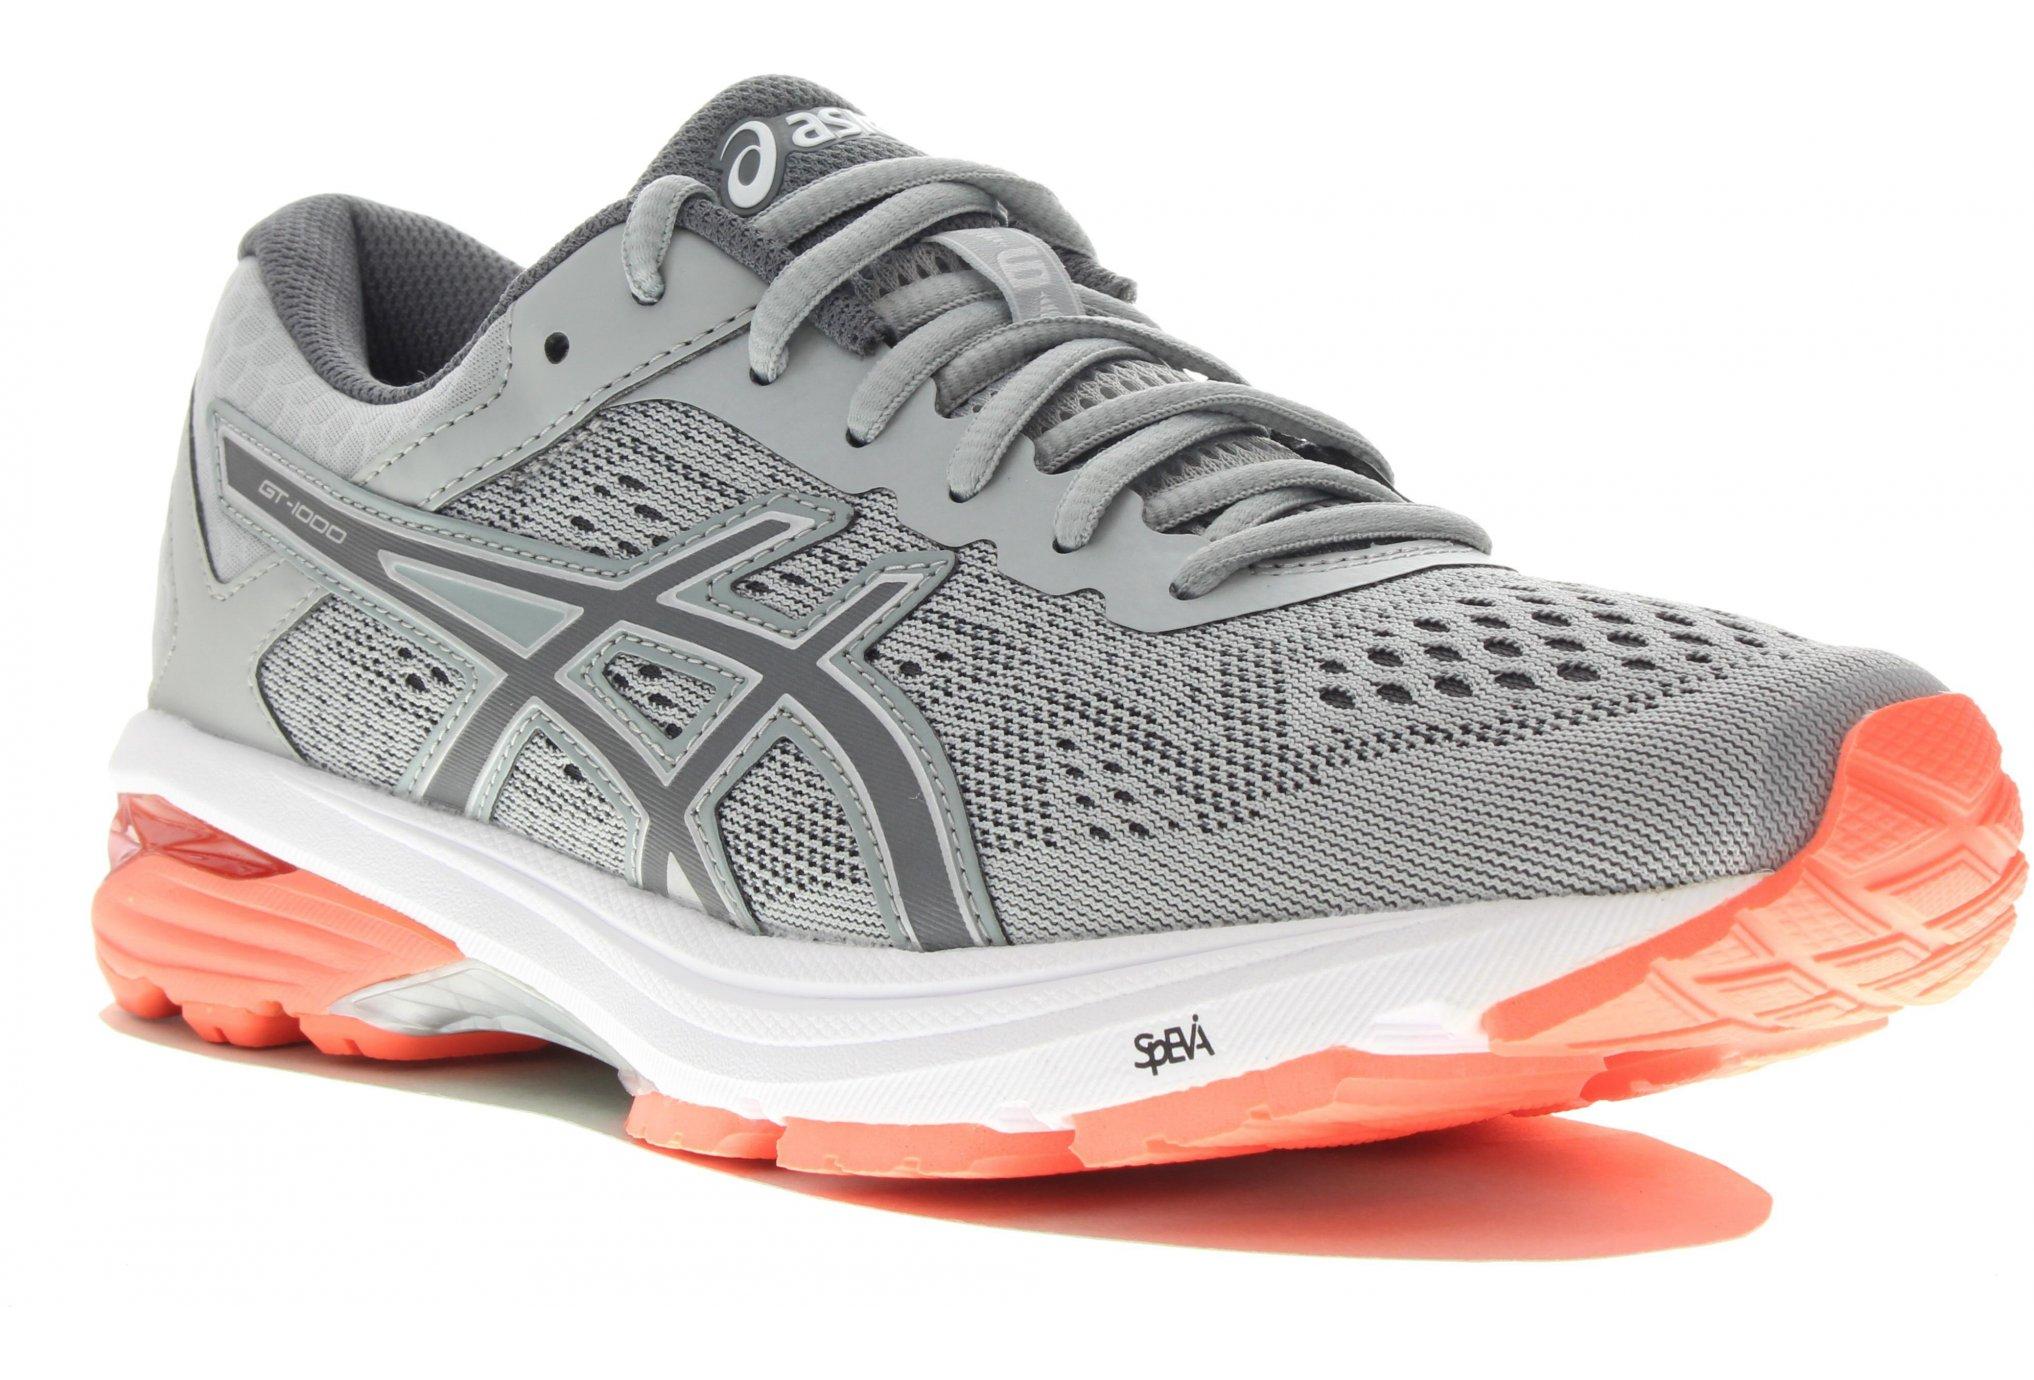 Asics GT-1000 6 W Chaussures running femme